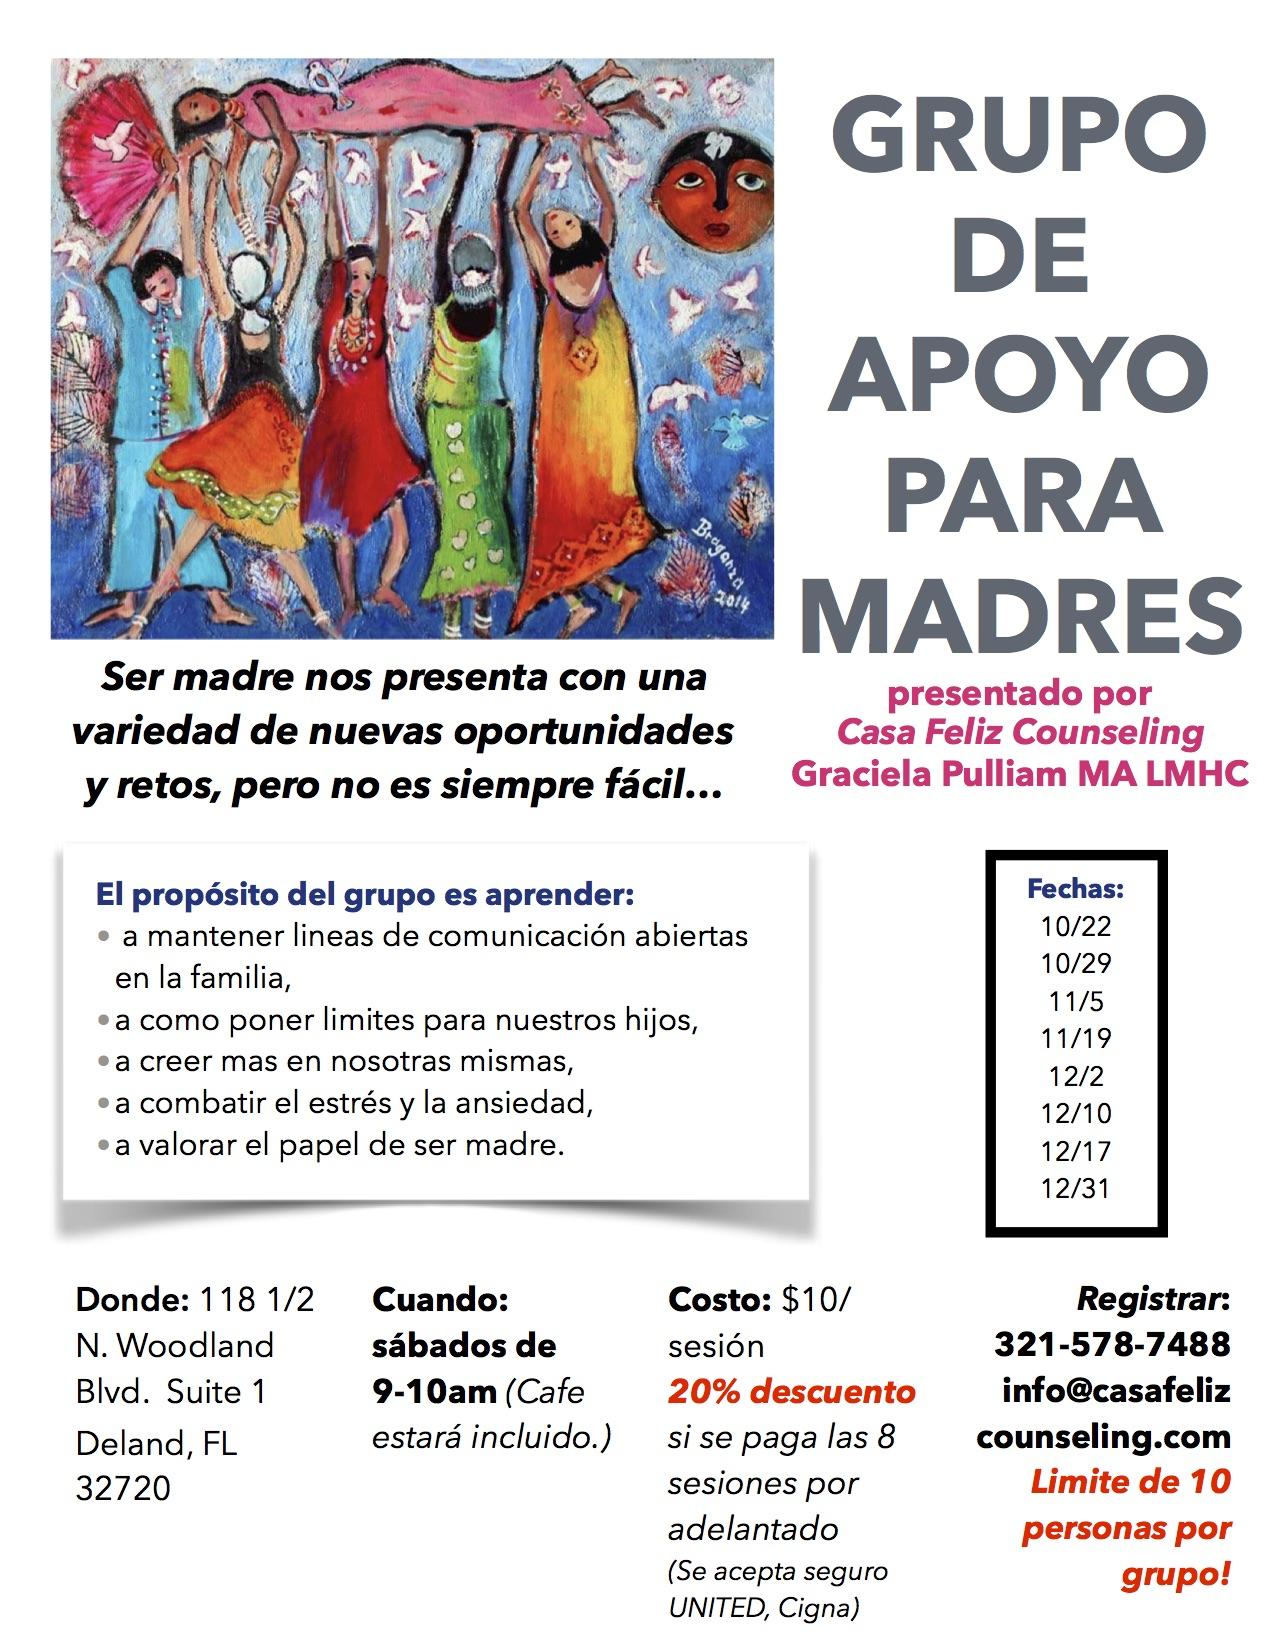 CFC Grupo de Apoyo Para Madres FULL JPG.jpg